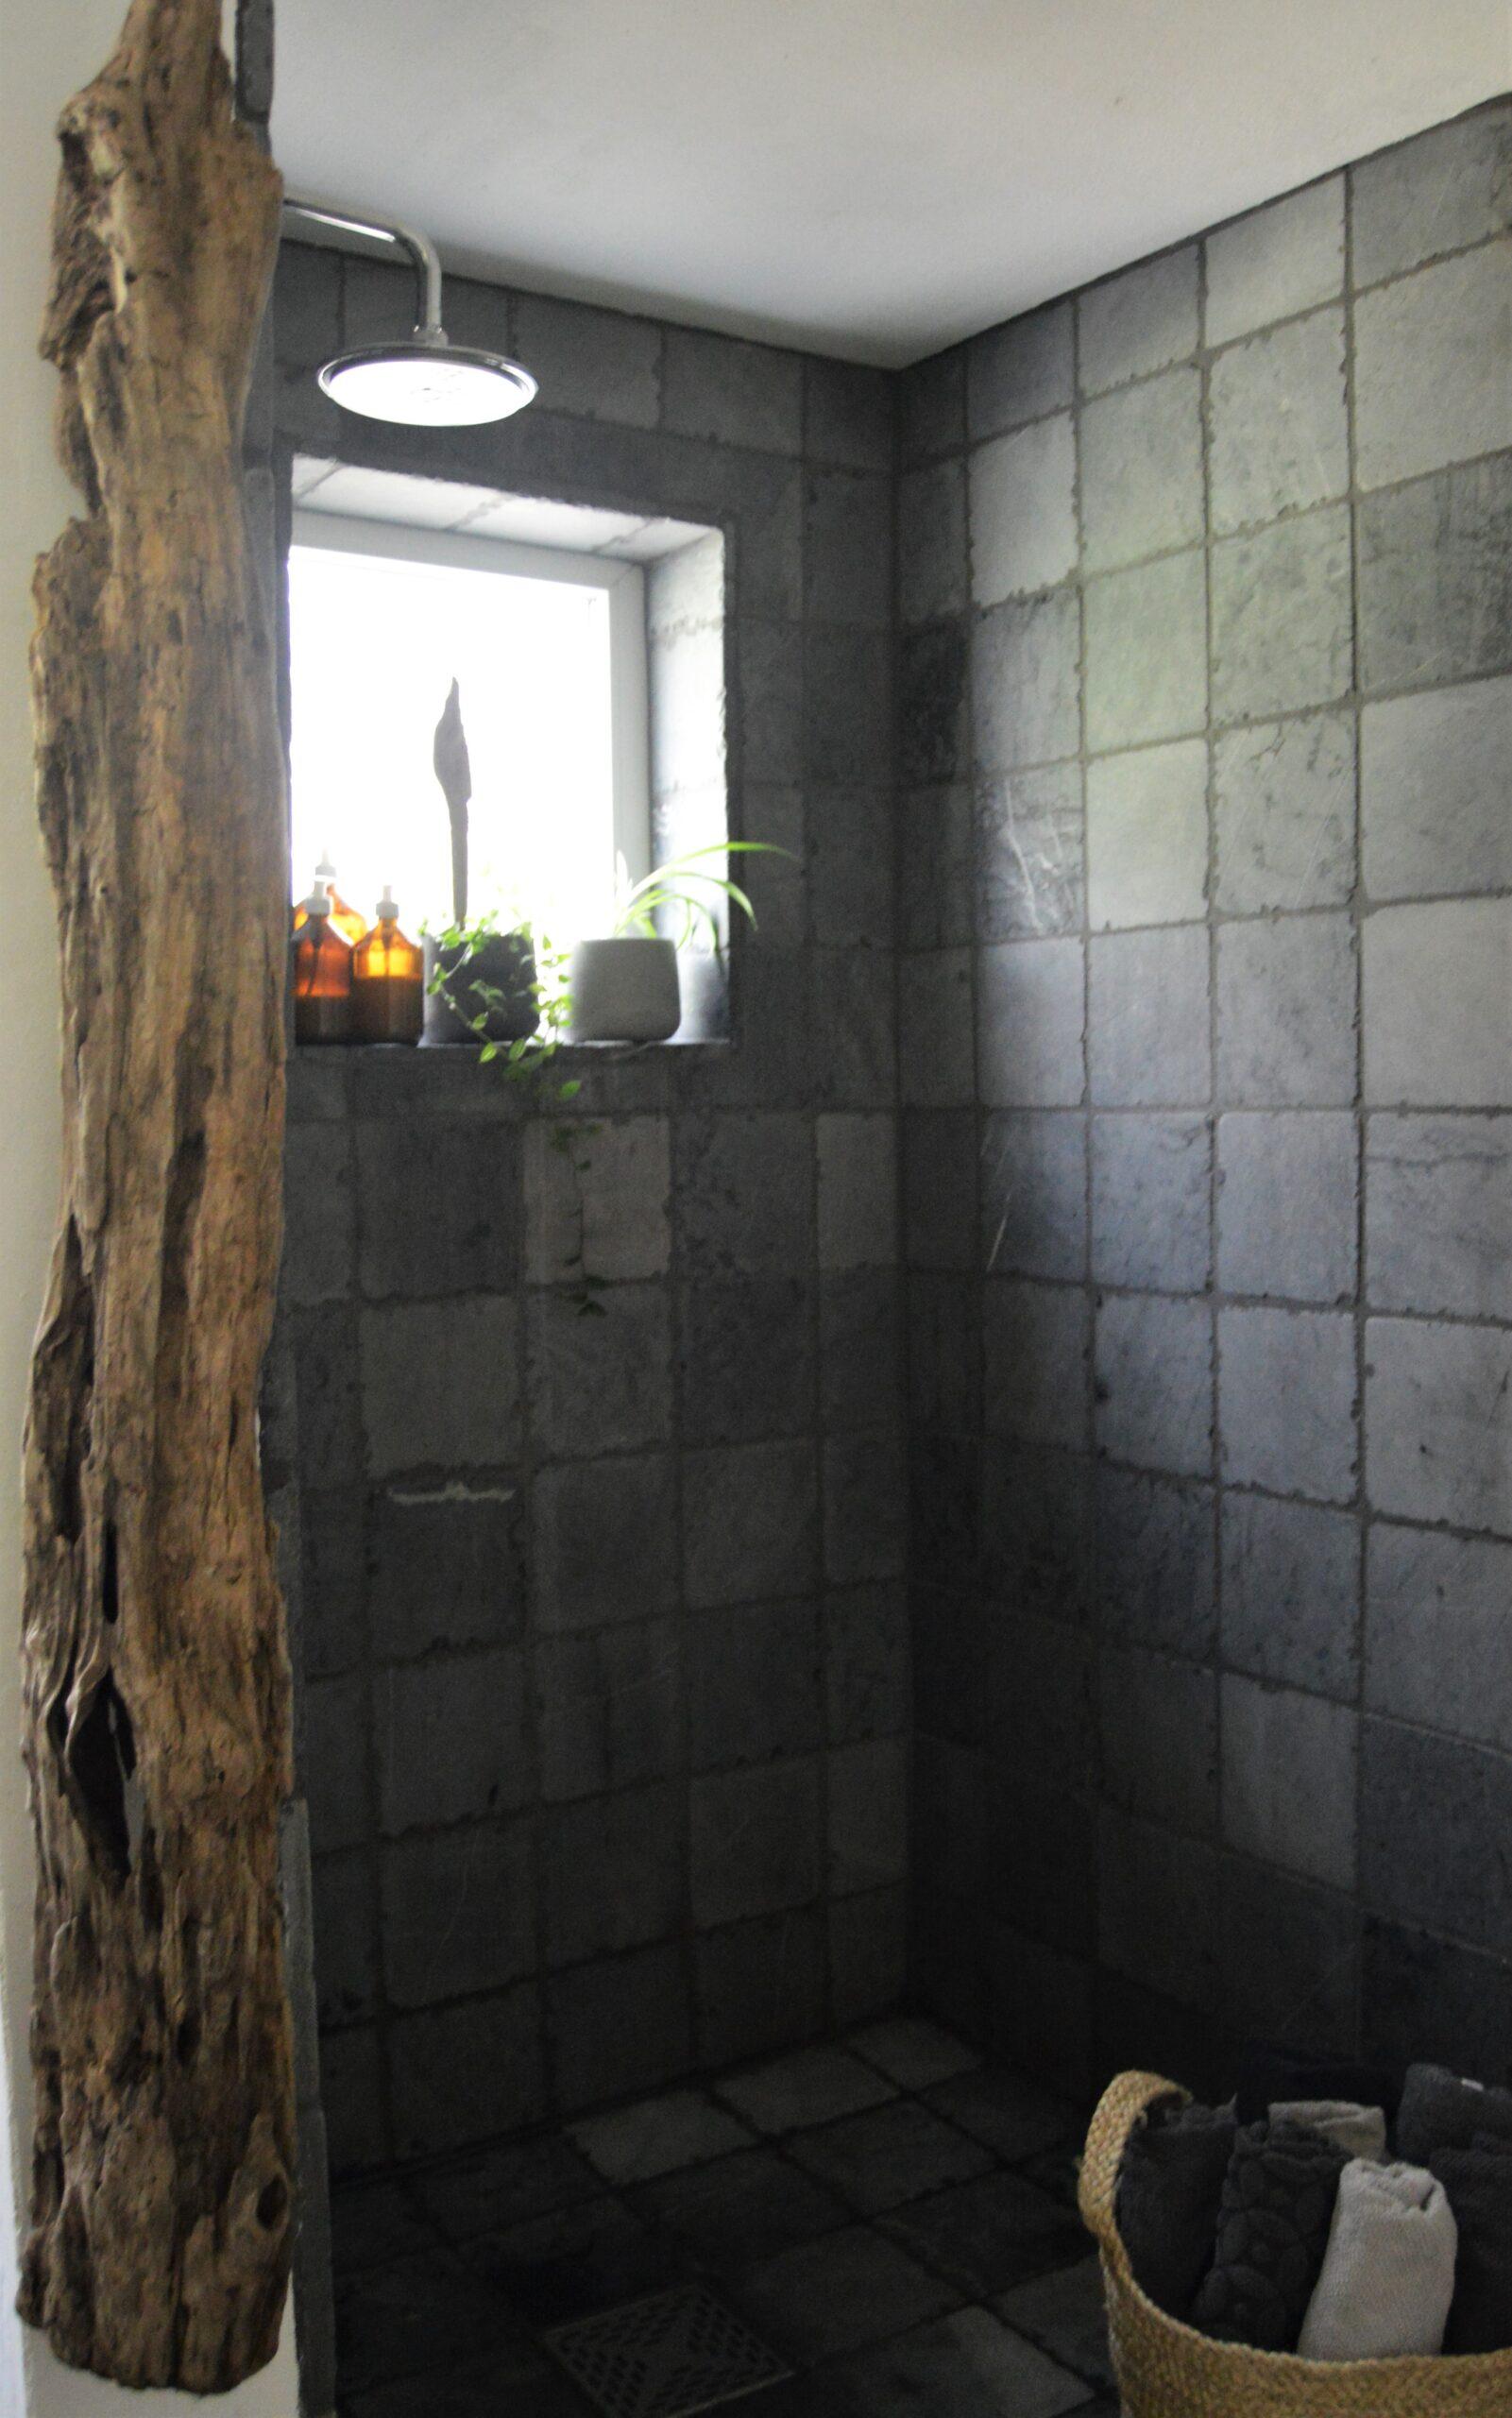 Full Size of Begehbare Dusche Breuer Duschen Moderne Abfluss Einhebelmischer Ebenerdige Badewanne Mit Bidet Unterputz Antirutschmatte Einbauen Nischentür Fliesen Für Dusche Begehbare Dusche